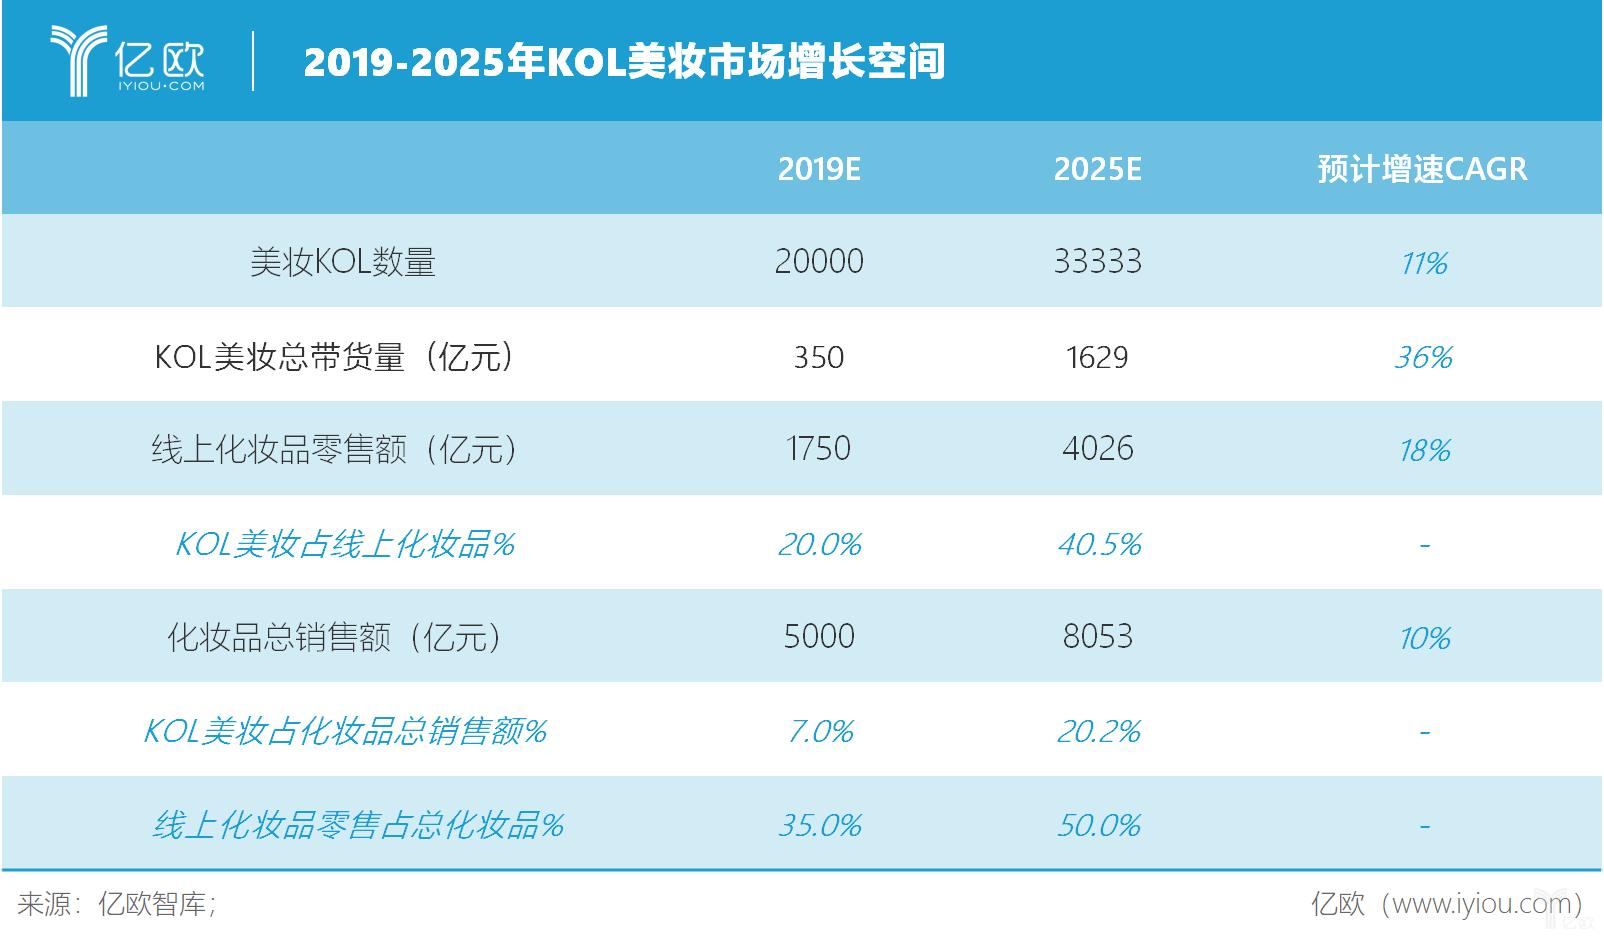 亿欧智库:2019-2025年KOL美妆市场增长空间